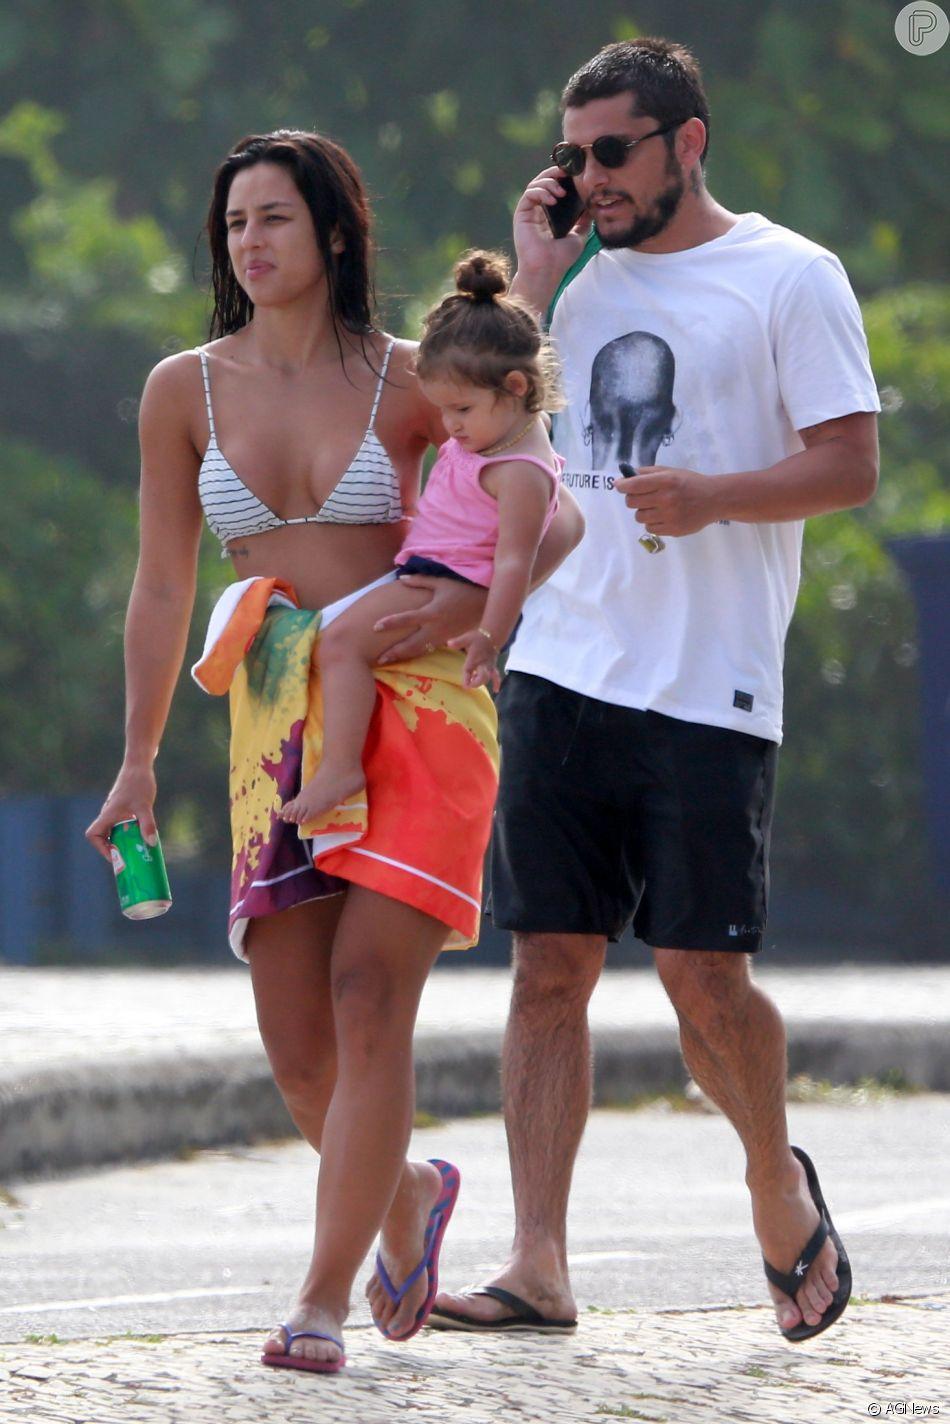 Família solar! Yanna Lavigne e Bruno Gissoni vão à praia com filha, Madalena, nesta segunda-feira, dia 03 de dezembro de 2018